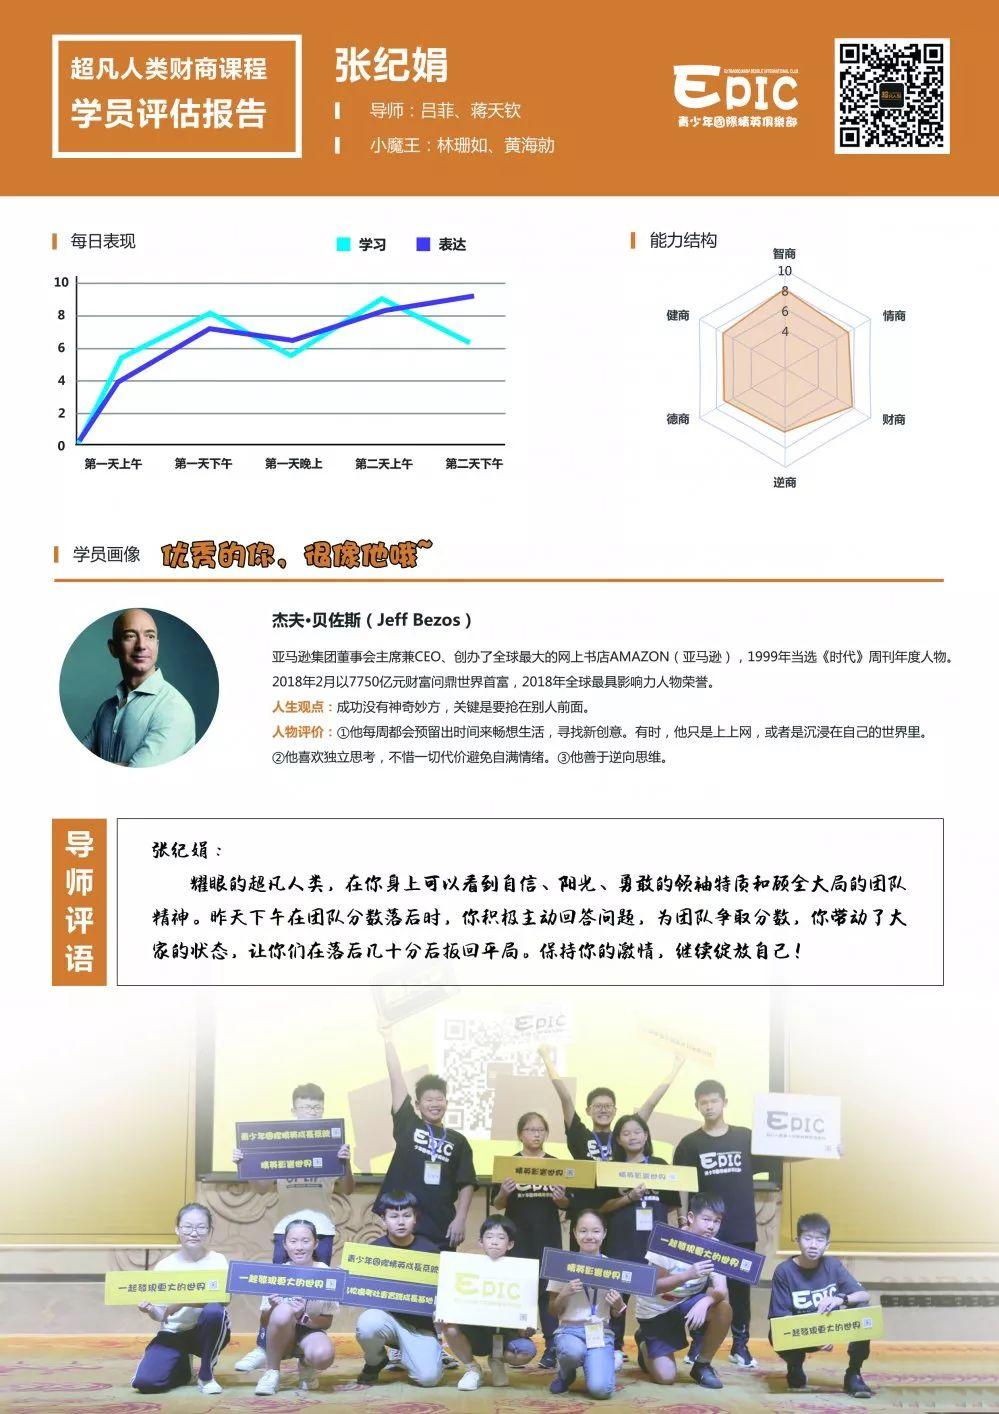 11岁超凡演讲者张纪娟:心态比结果更重要!插图(5)